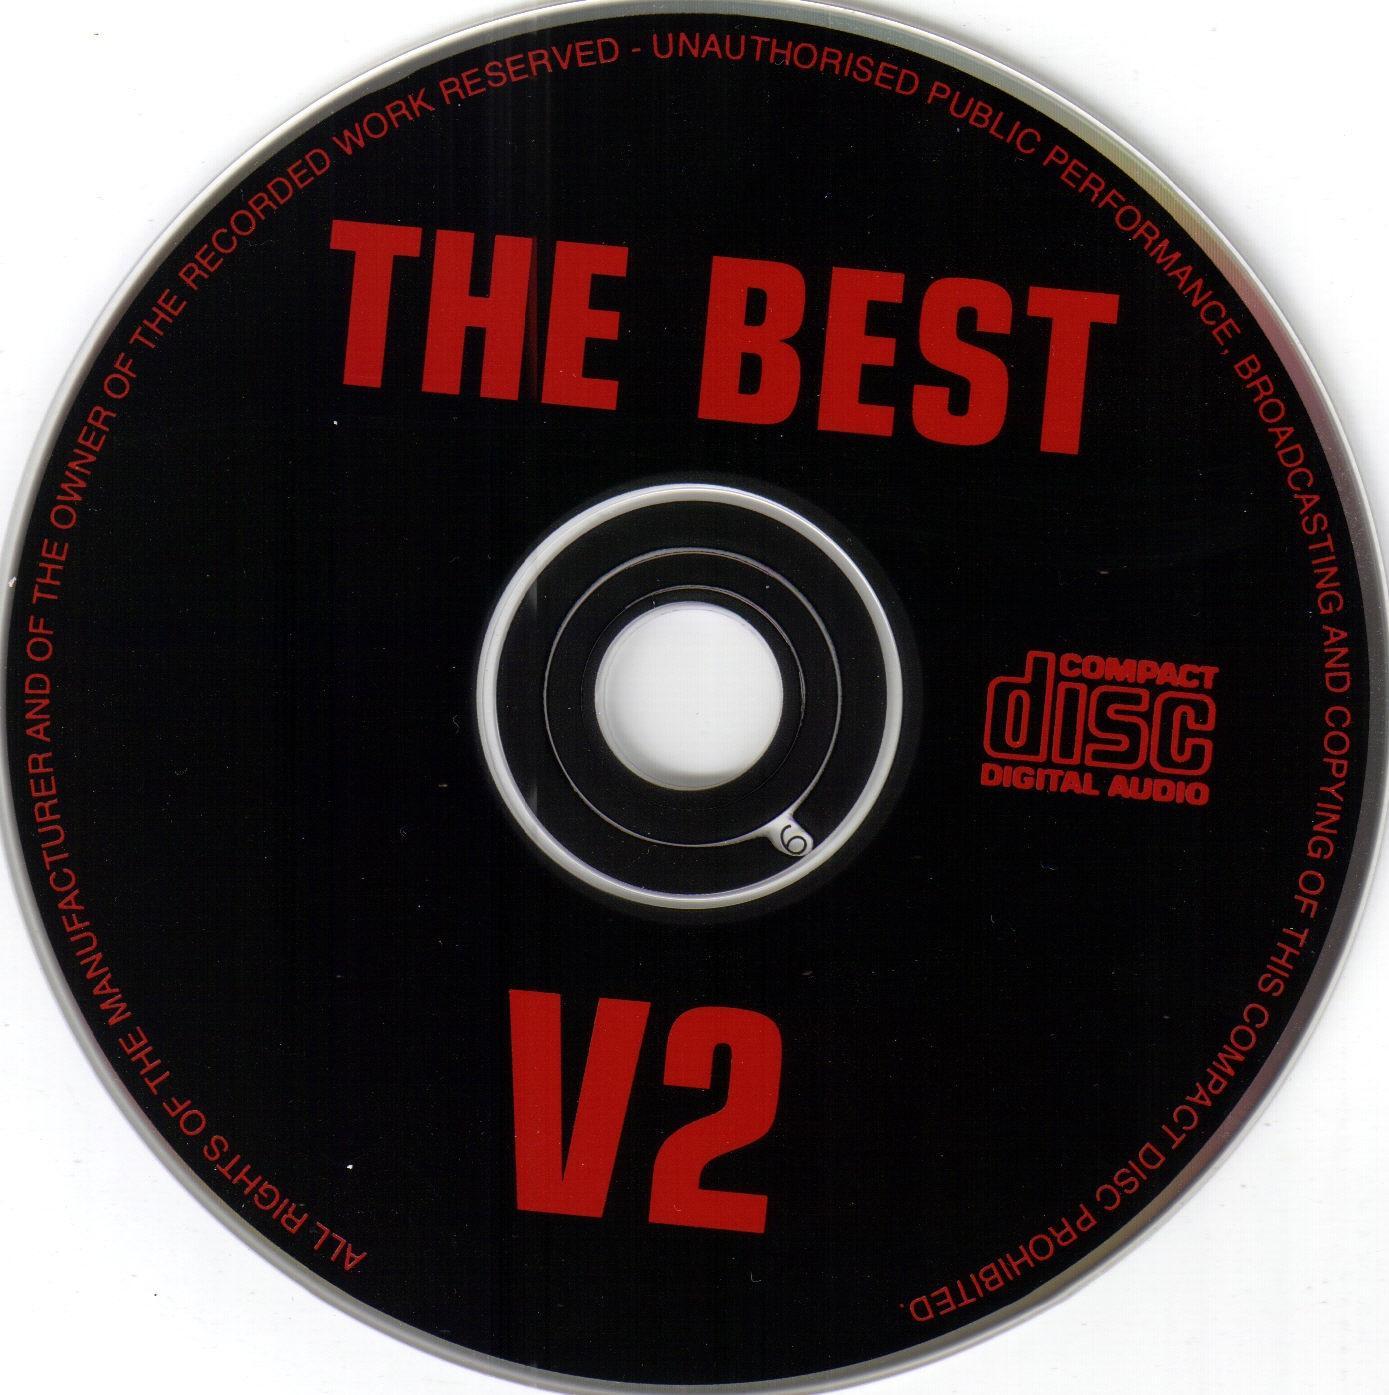 Skrewdriver - The Best - Vol. 2 (Compilation) (1994, Rock ...